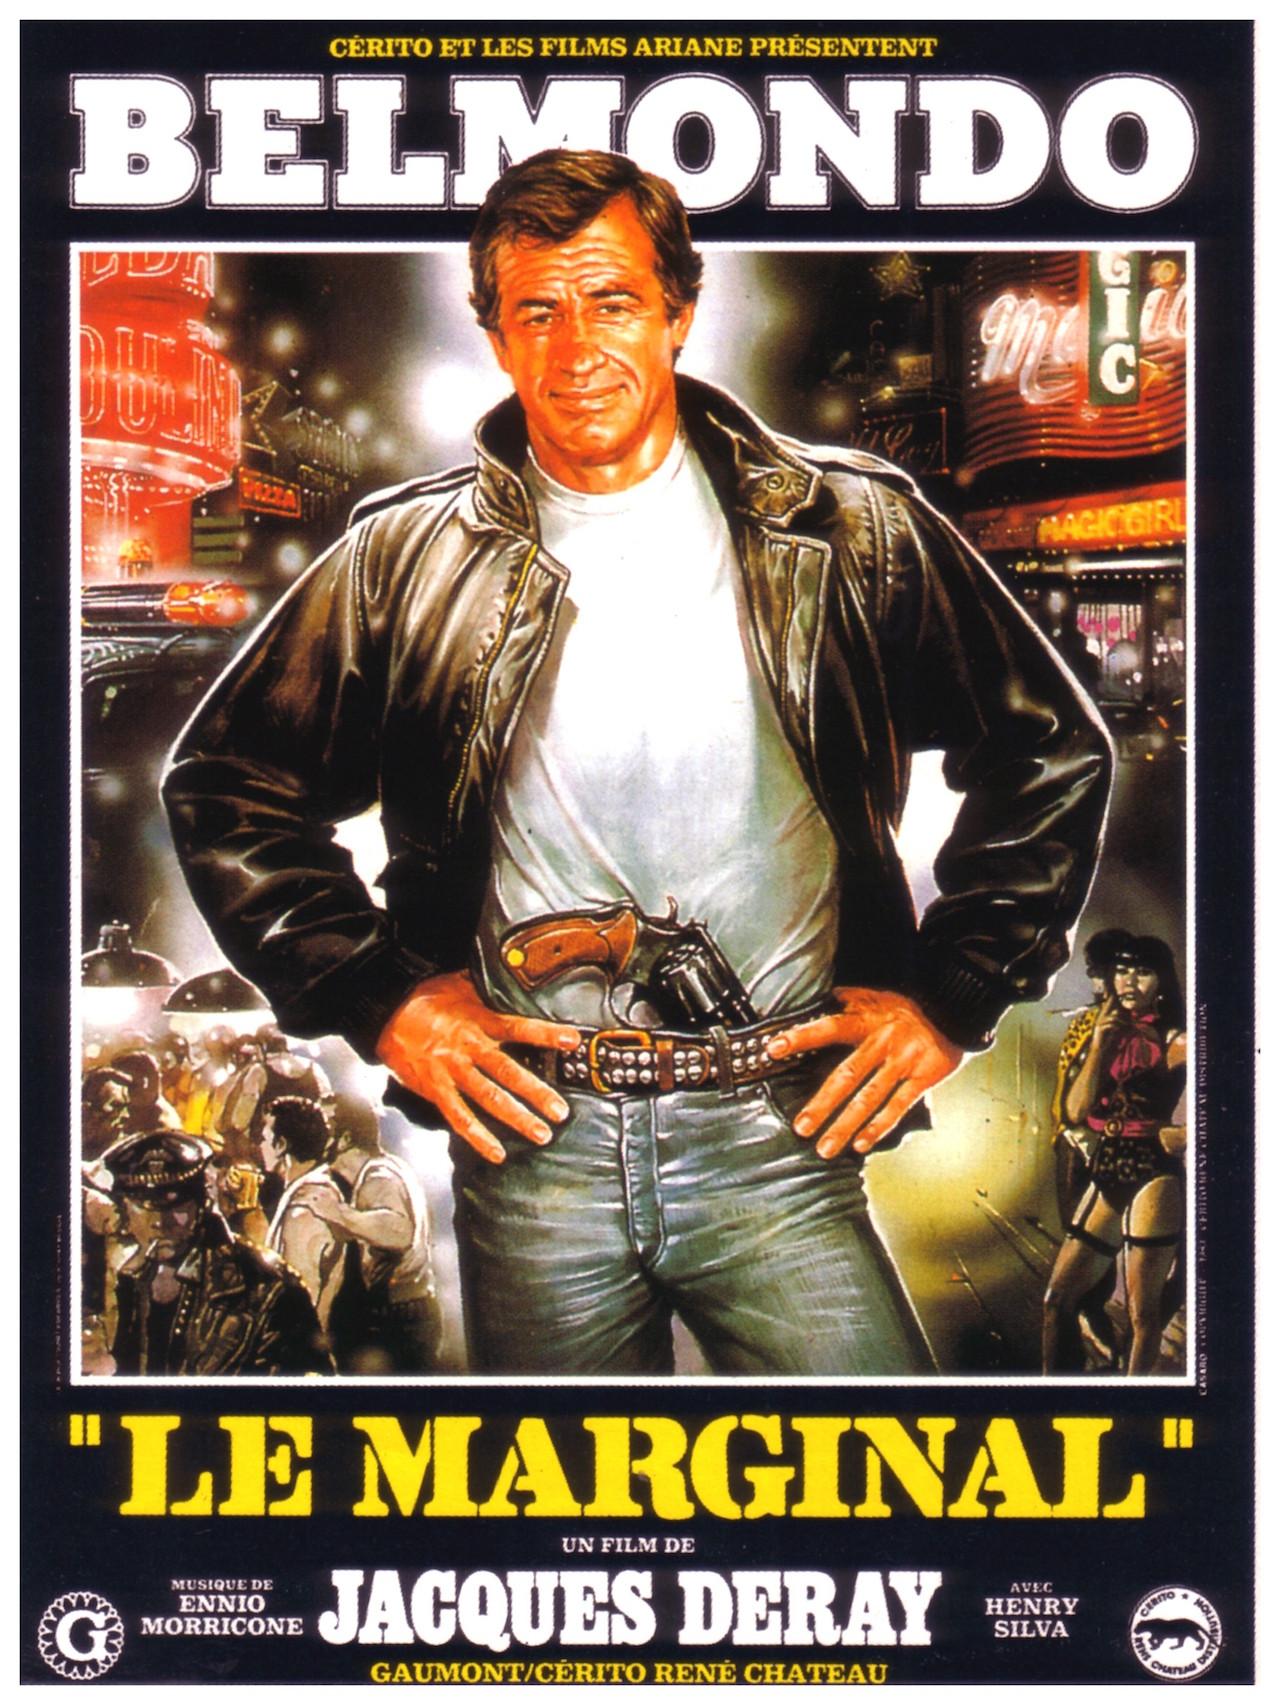 """Incontournable : La Ford Mustang de Belmondo dans """"Le marginal"""" 7"""